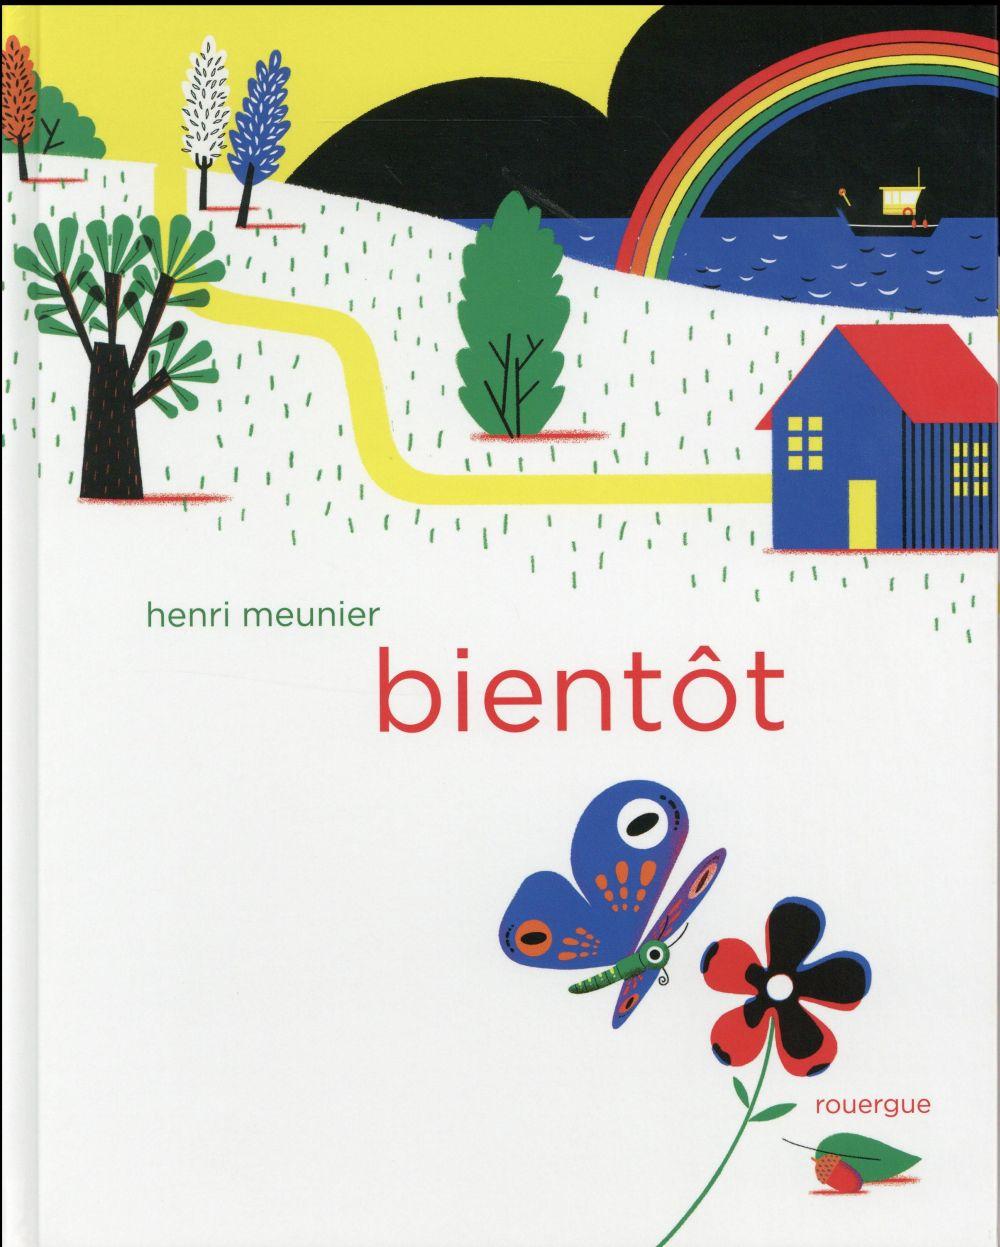 BIENTOT.